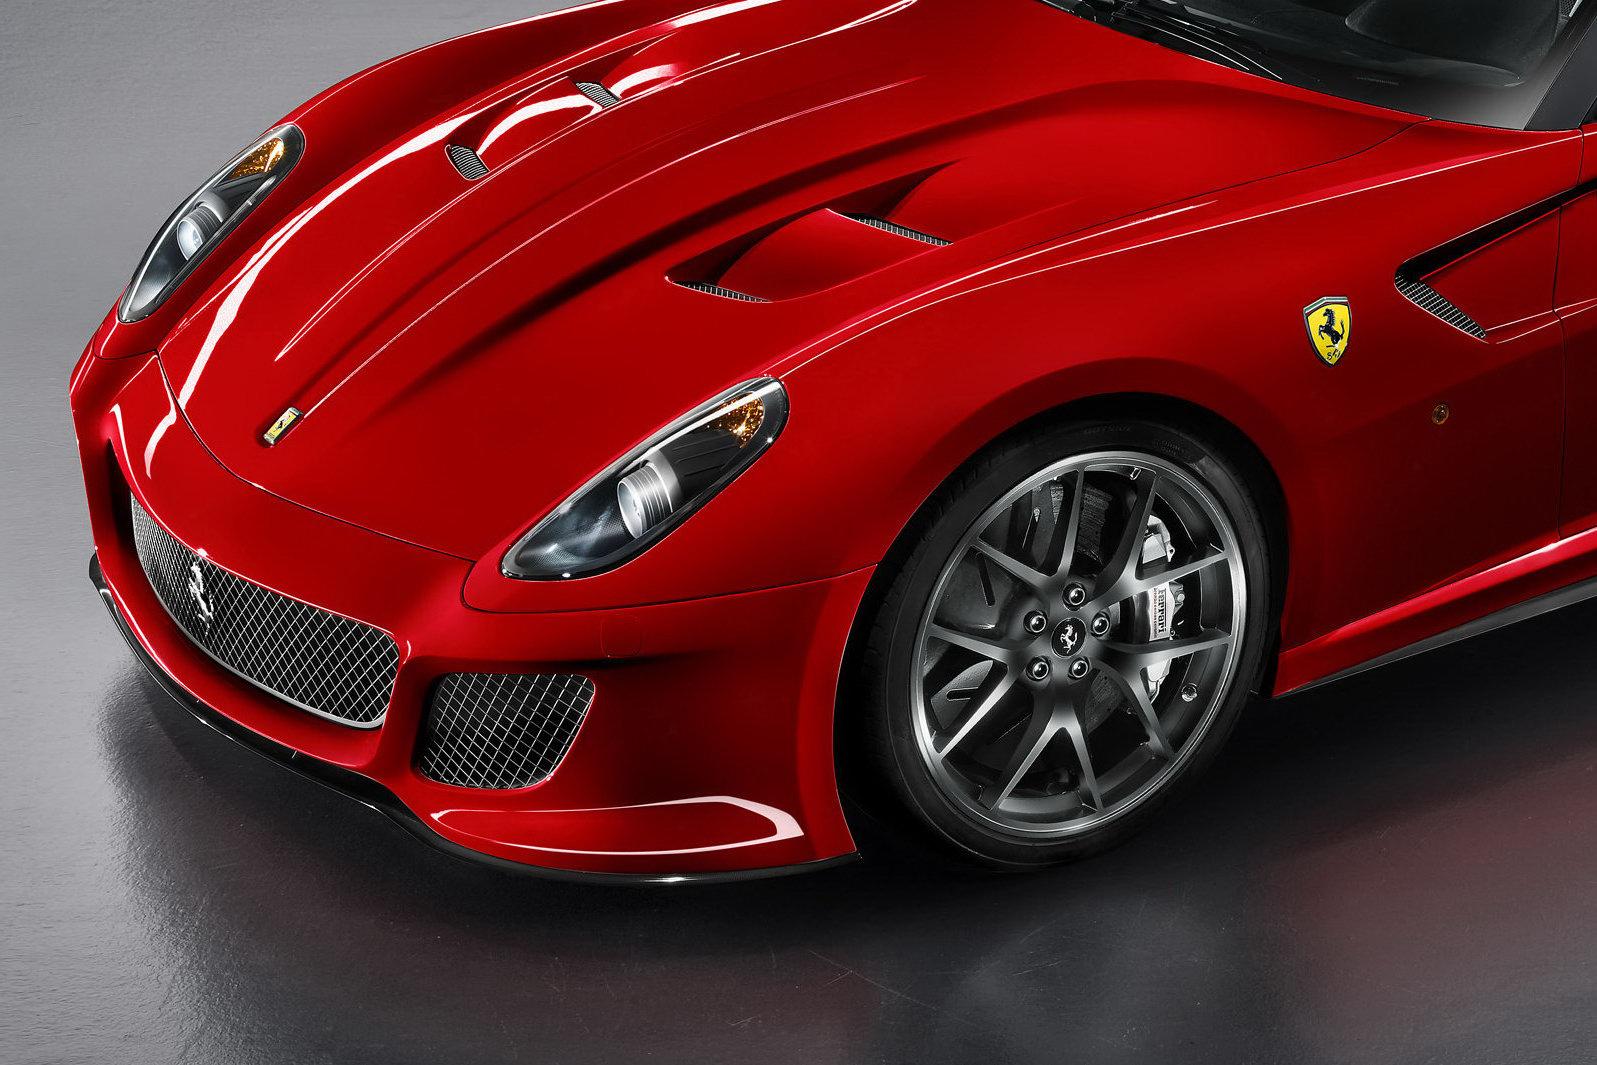 http://1.bp.blogspot.com/_FoXyvaPSnVk/S73ujQ9UGxI/AAAAAAACuf8/W91p8Apoa6g/s1600/Ferrari-599-GTO-10.jpg